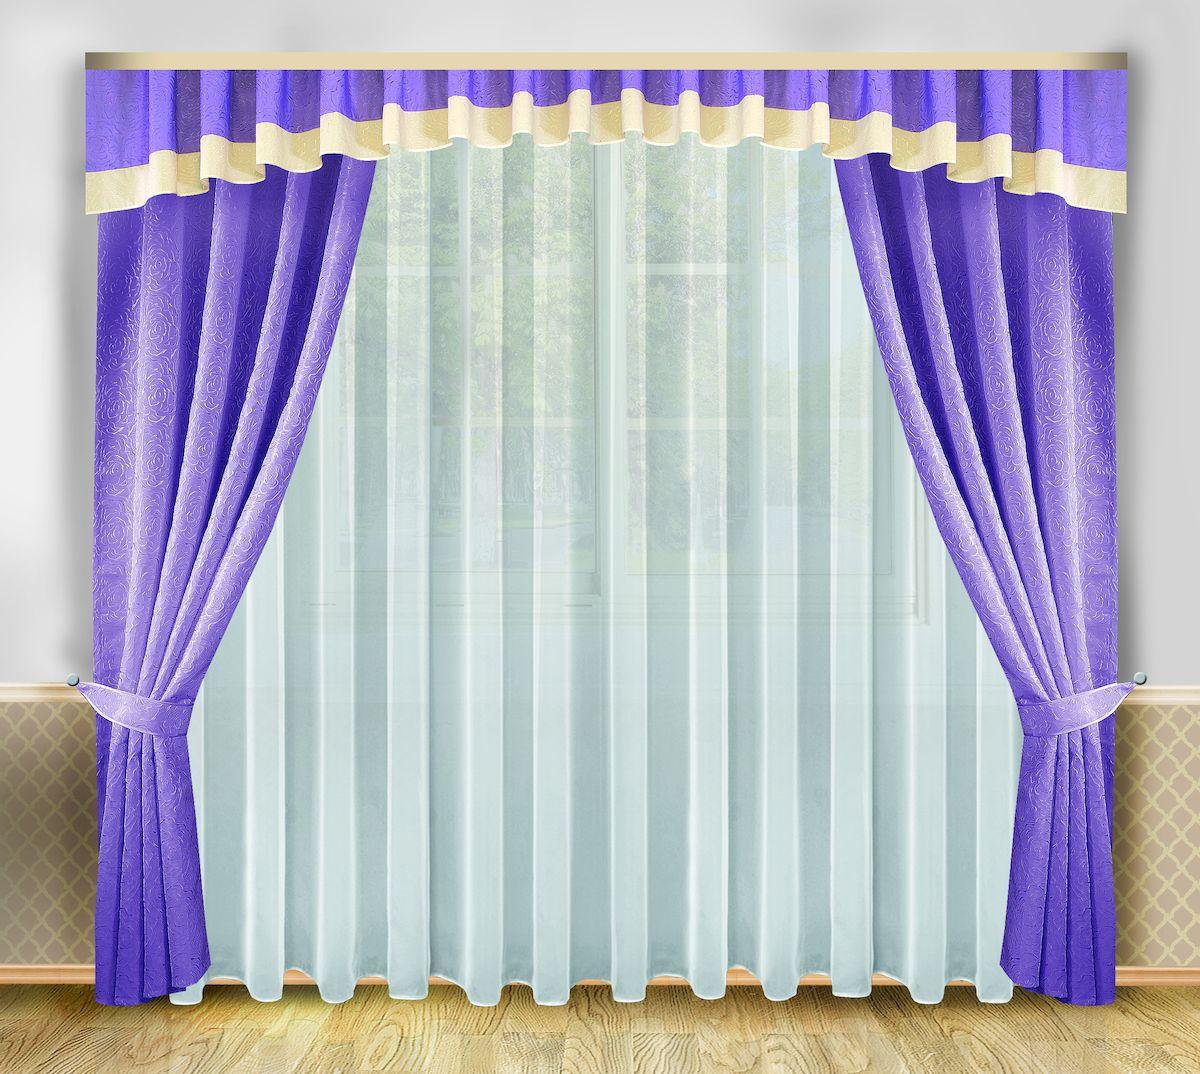 Комплект штор Zlata Korunka, на ленте, цвет: сиреневый, высота 250 см. 333330956251325Комплект штор Zlata Korunka, выполненный из полиэстера, великолепно украсит любое окно. Комплект состоит из тюля, ламбрекена, двух штор и двух подхватов. Изящный узор и приятная цветовая гамма привлекут к себе внимание и органично впишутся в интерьер помещения. Этот комплект будет долгое время радовать вас и вашу семью!Комплект крепится на карниз при помощи ленты, которая поможет красиво и равномерно задрапировать верх.В комплект входит: Тюль: 1 шт. Размер (Ш х В): 400 см х 250 см. Ламбрекен: 1 шт. Размер (Ш х В): 550 см х 40 см. Штора: 2 шт. Размер (Ш х В): 138 см х 250 см.Подхват: 2 шт.